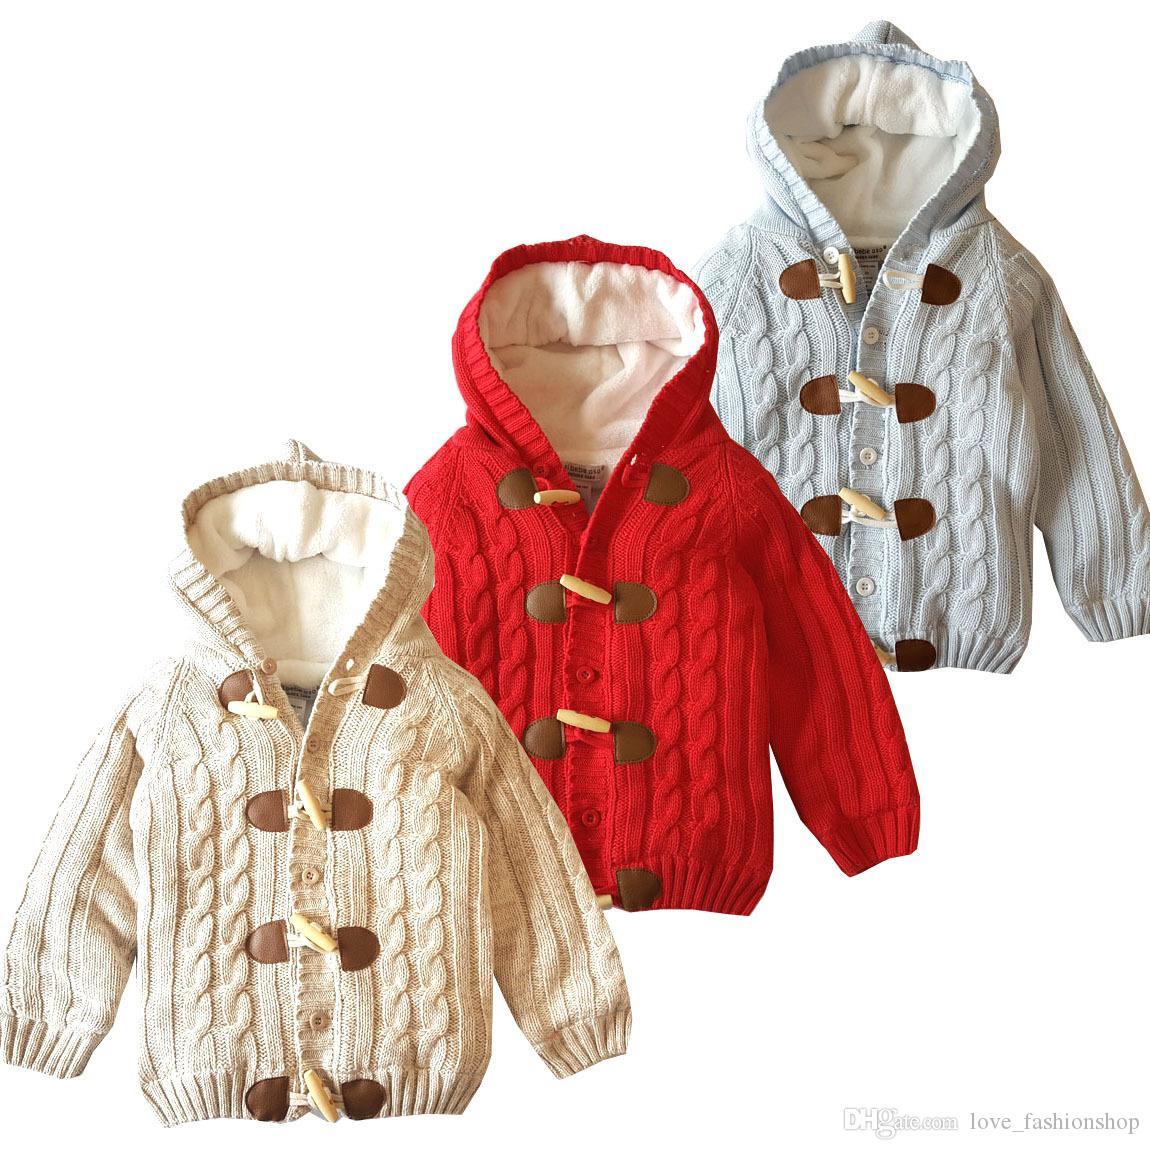 التجزئة الاطفال مصمم المعاطف الشتوية سميكة زائد المخملية الفتيان الفتيات سترة مقنعين معطف البوق مشبك السترات أبلى ملابس الأطفال